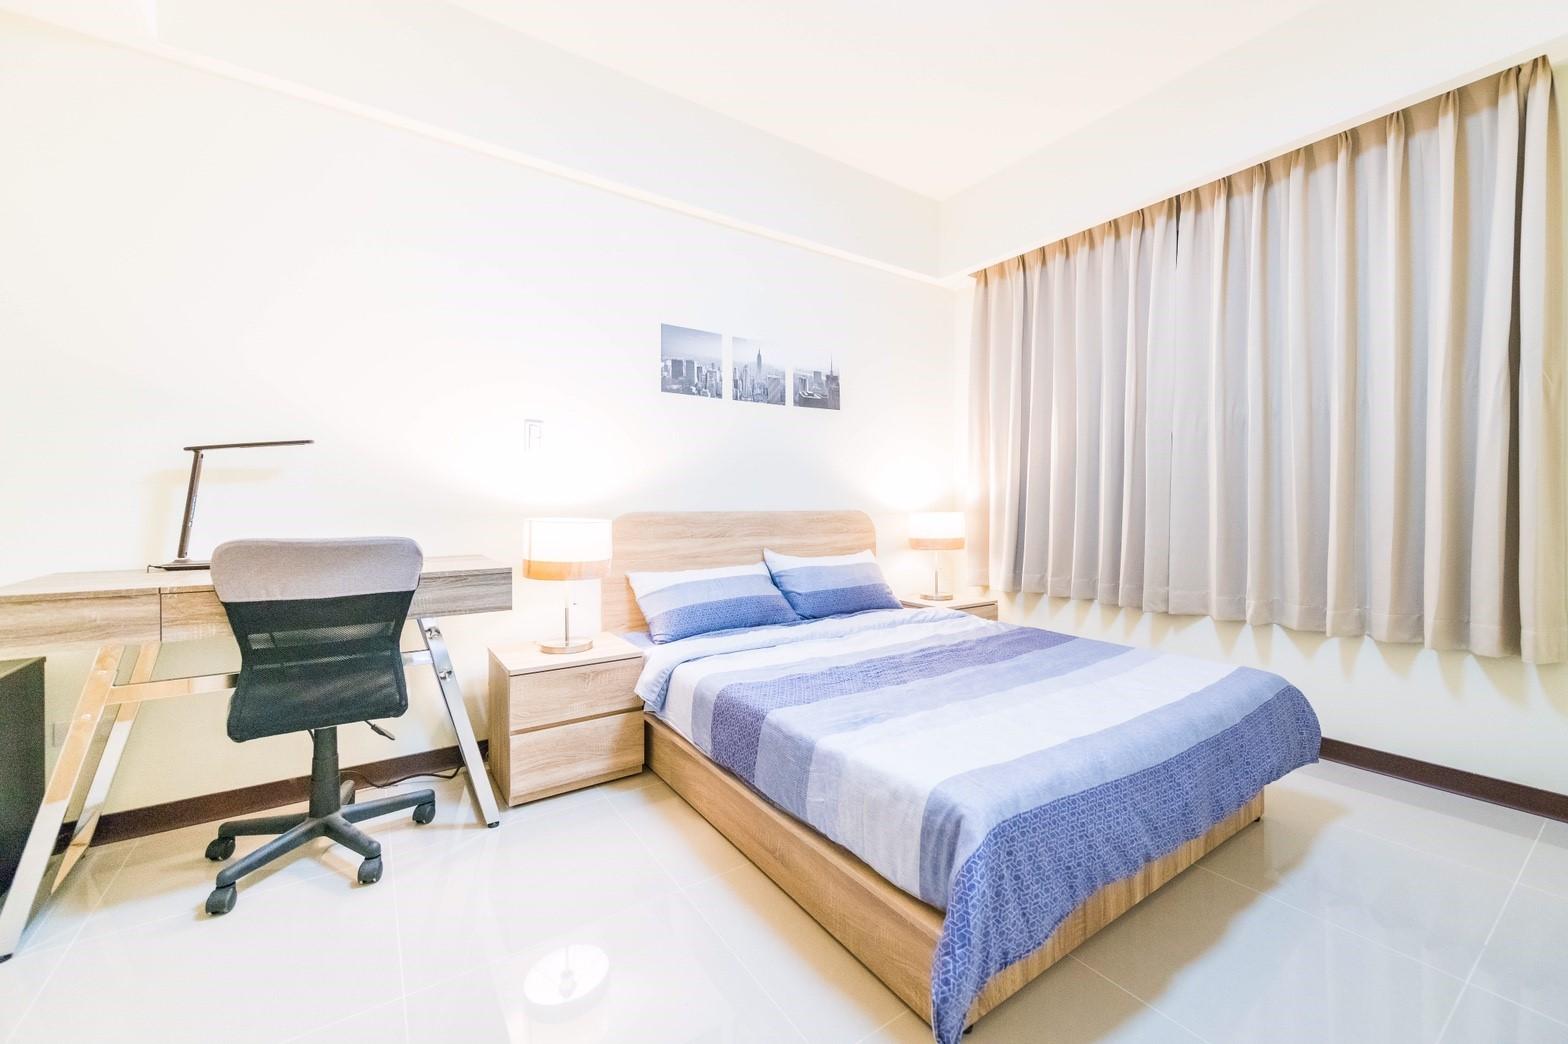 中路二號社會住宅臥室,燈光明亮、空間寬敞